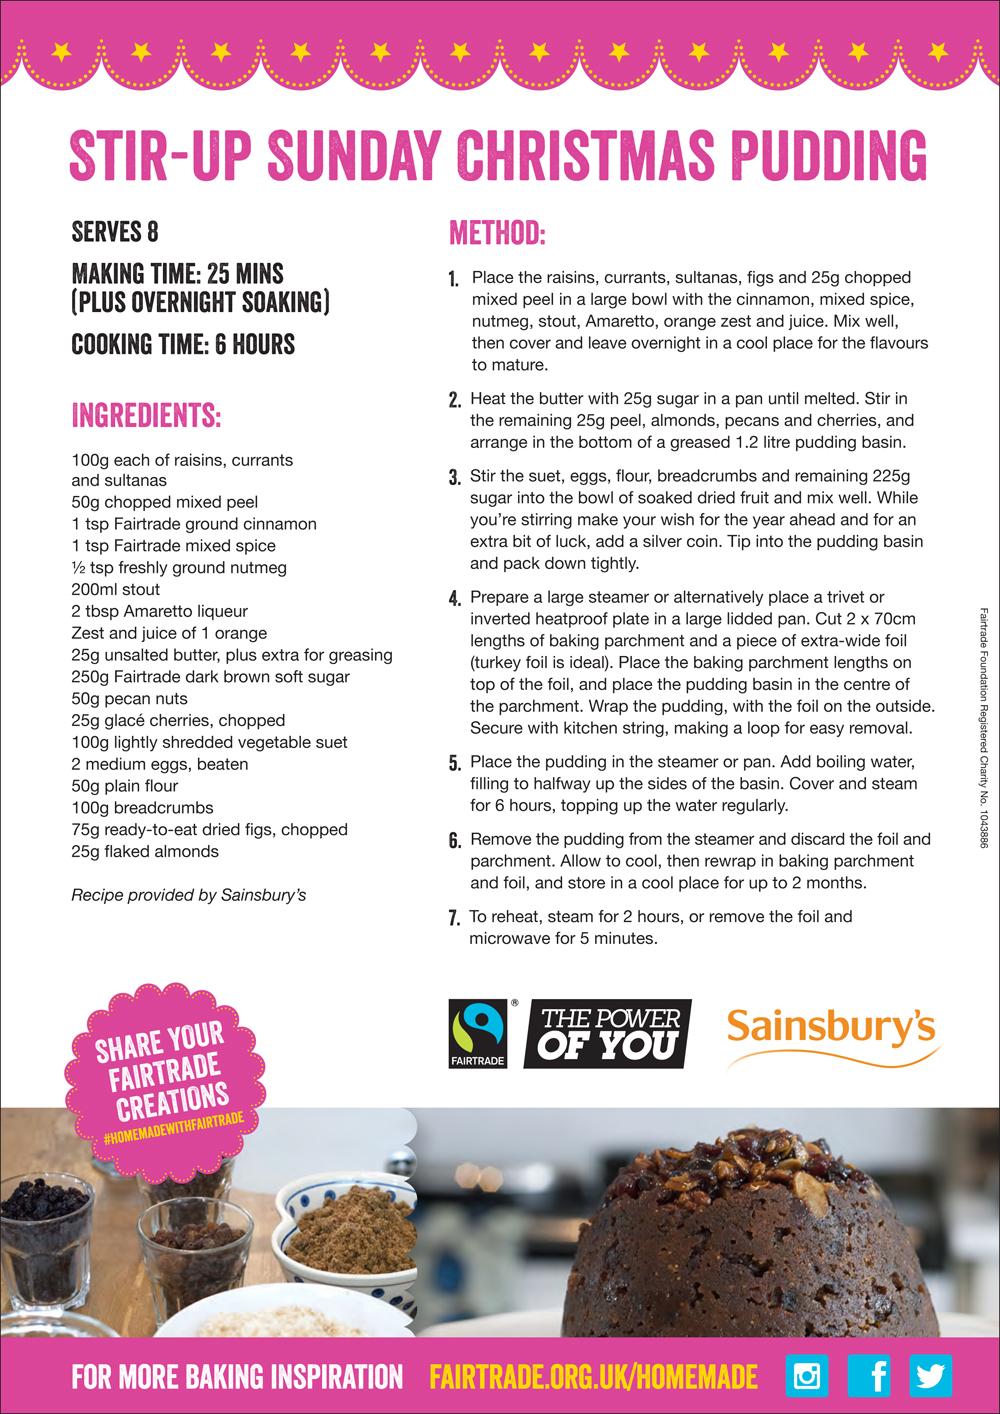 fac ebook xmas recipes for plum pudding fruit